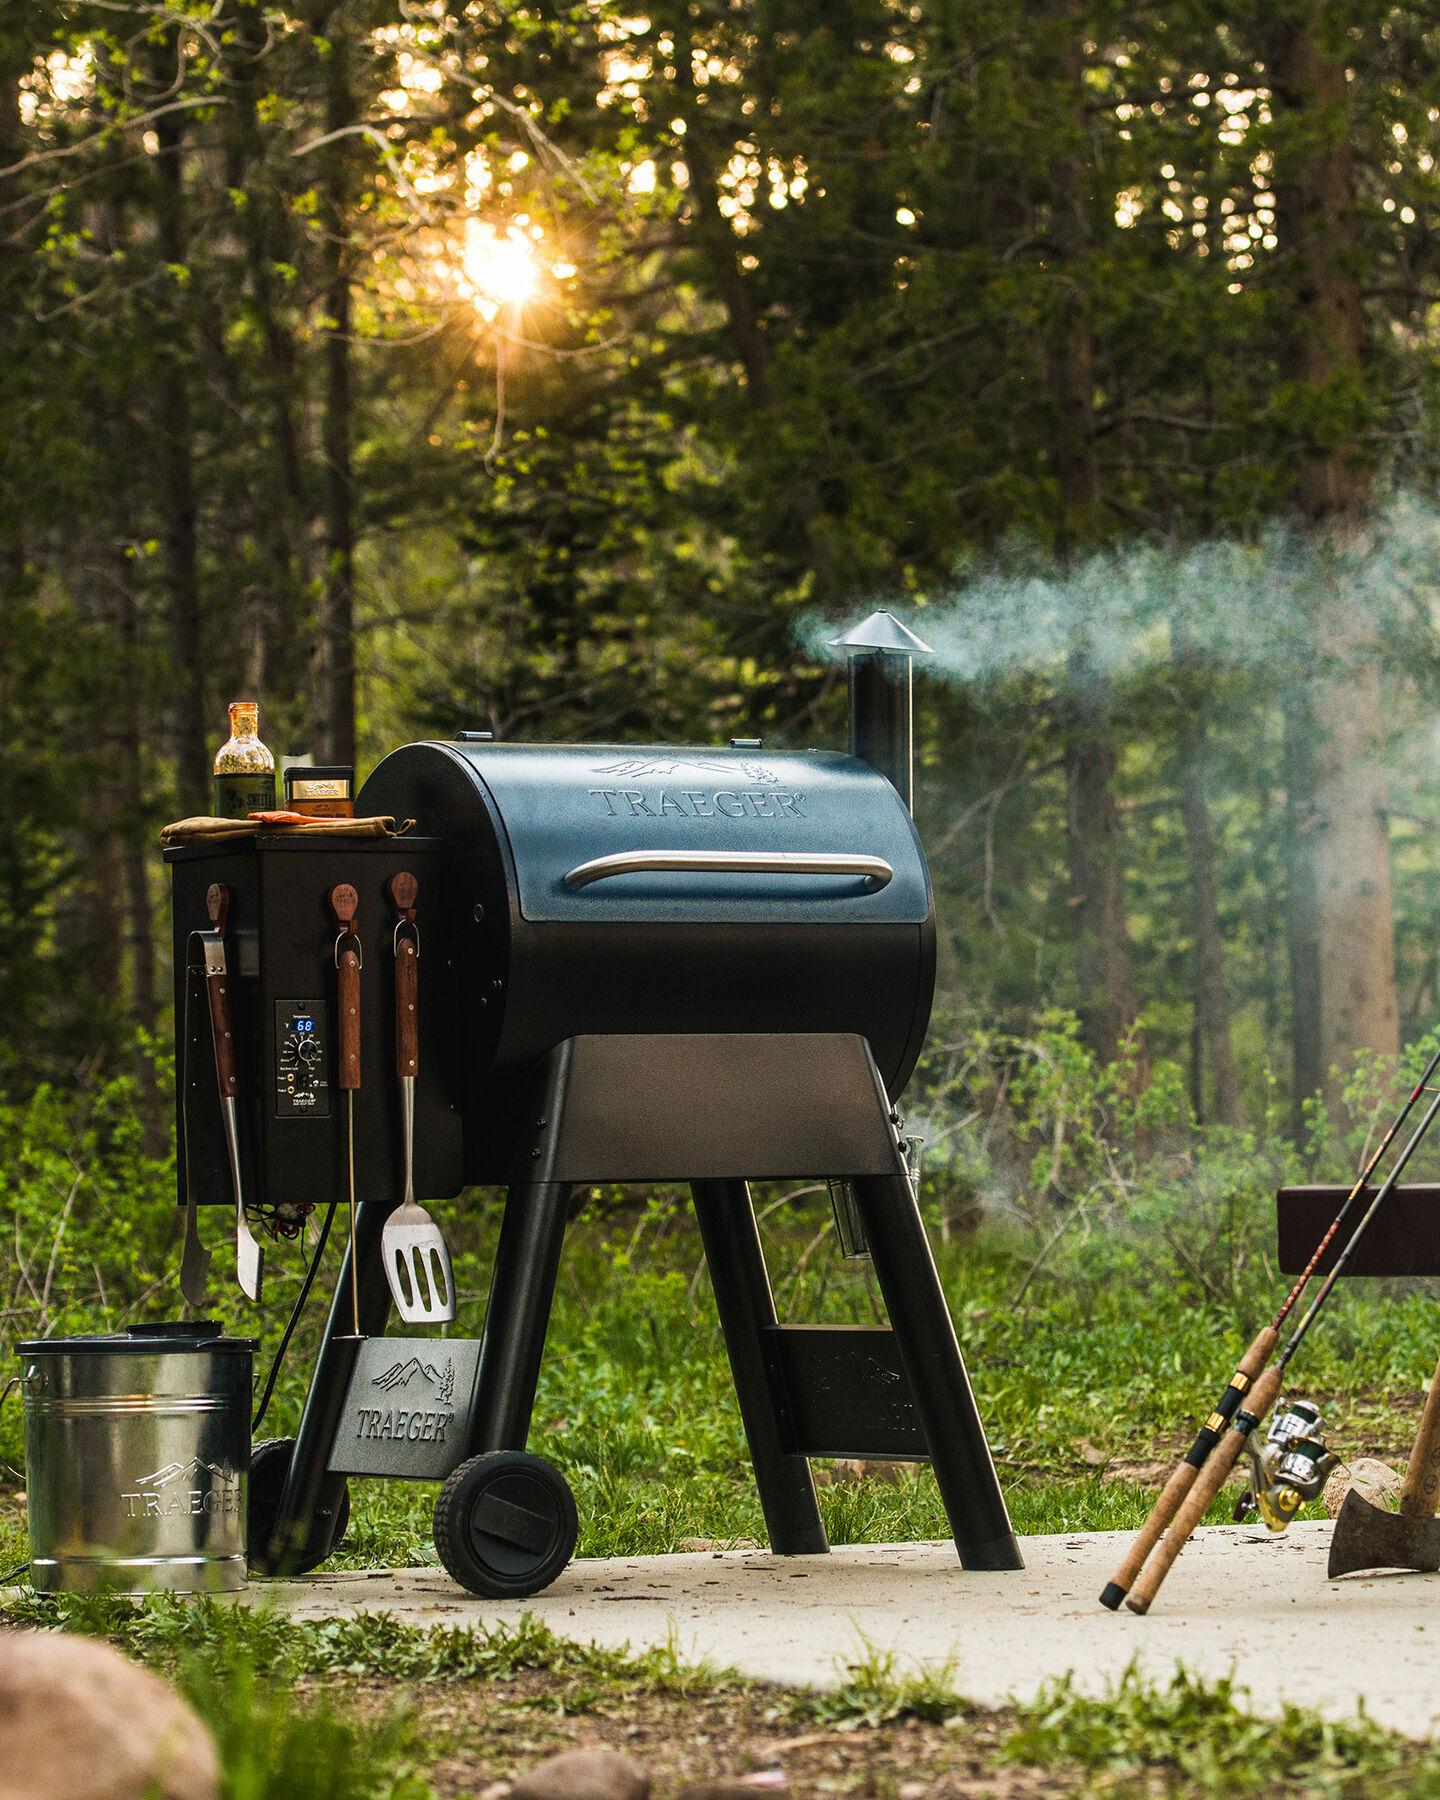 Traeger wood pellet smoker grill